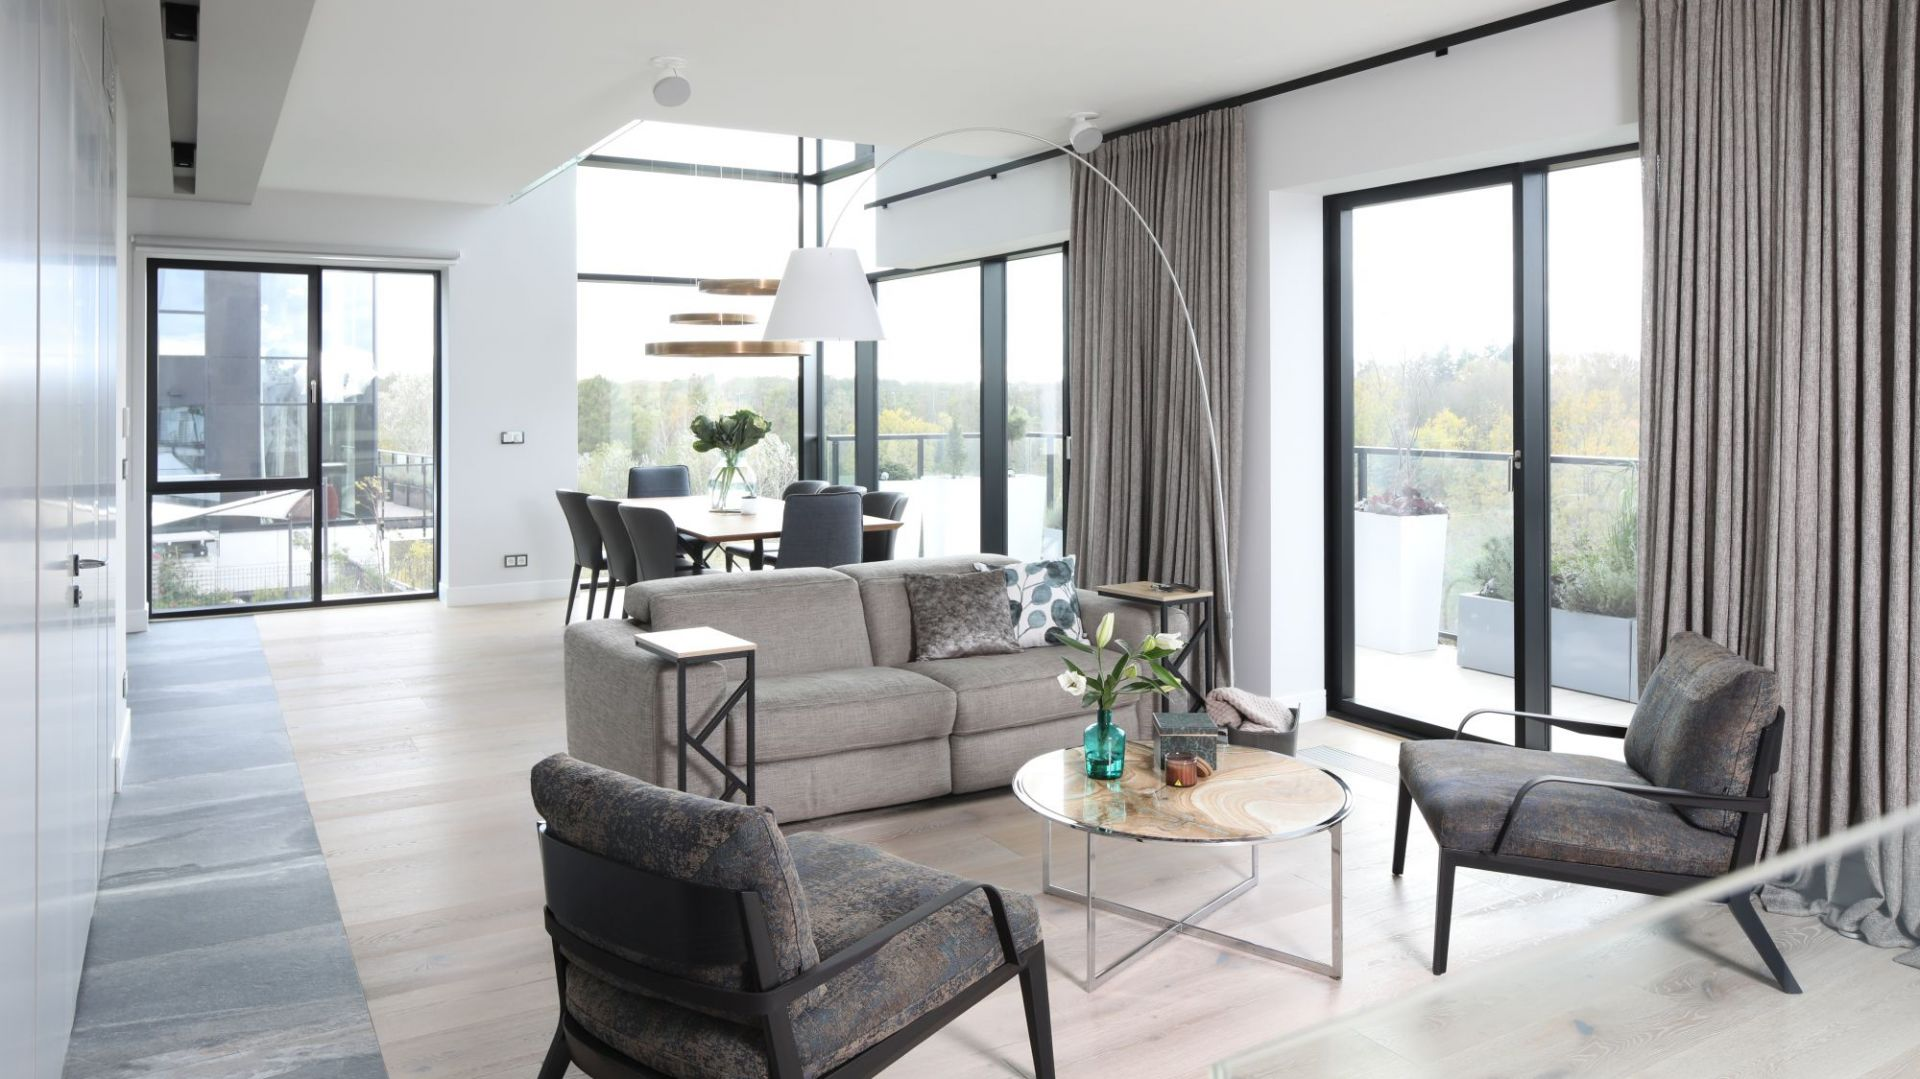 Zasłony i rolety w salonie - doskonały sposób na dekorację okna. Projekt: Magdalena Lehmann. Fot. Bartosz Jarosz